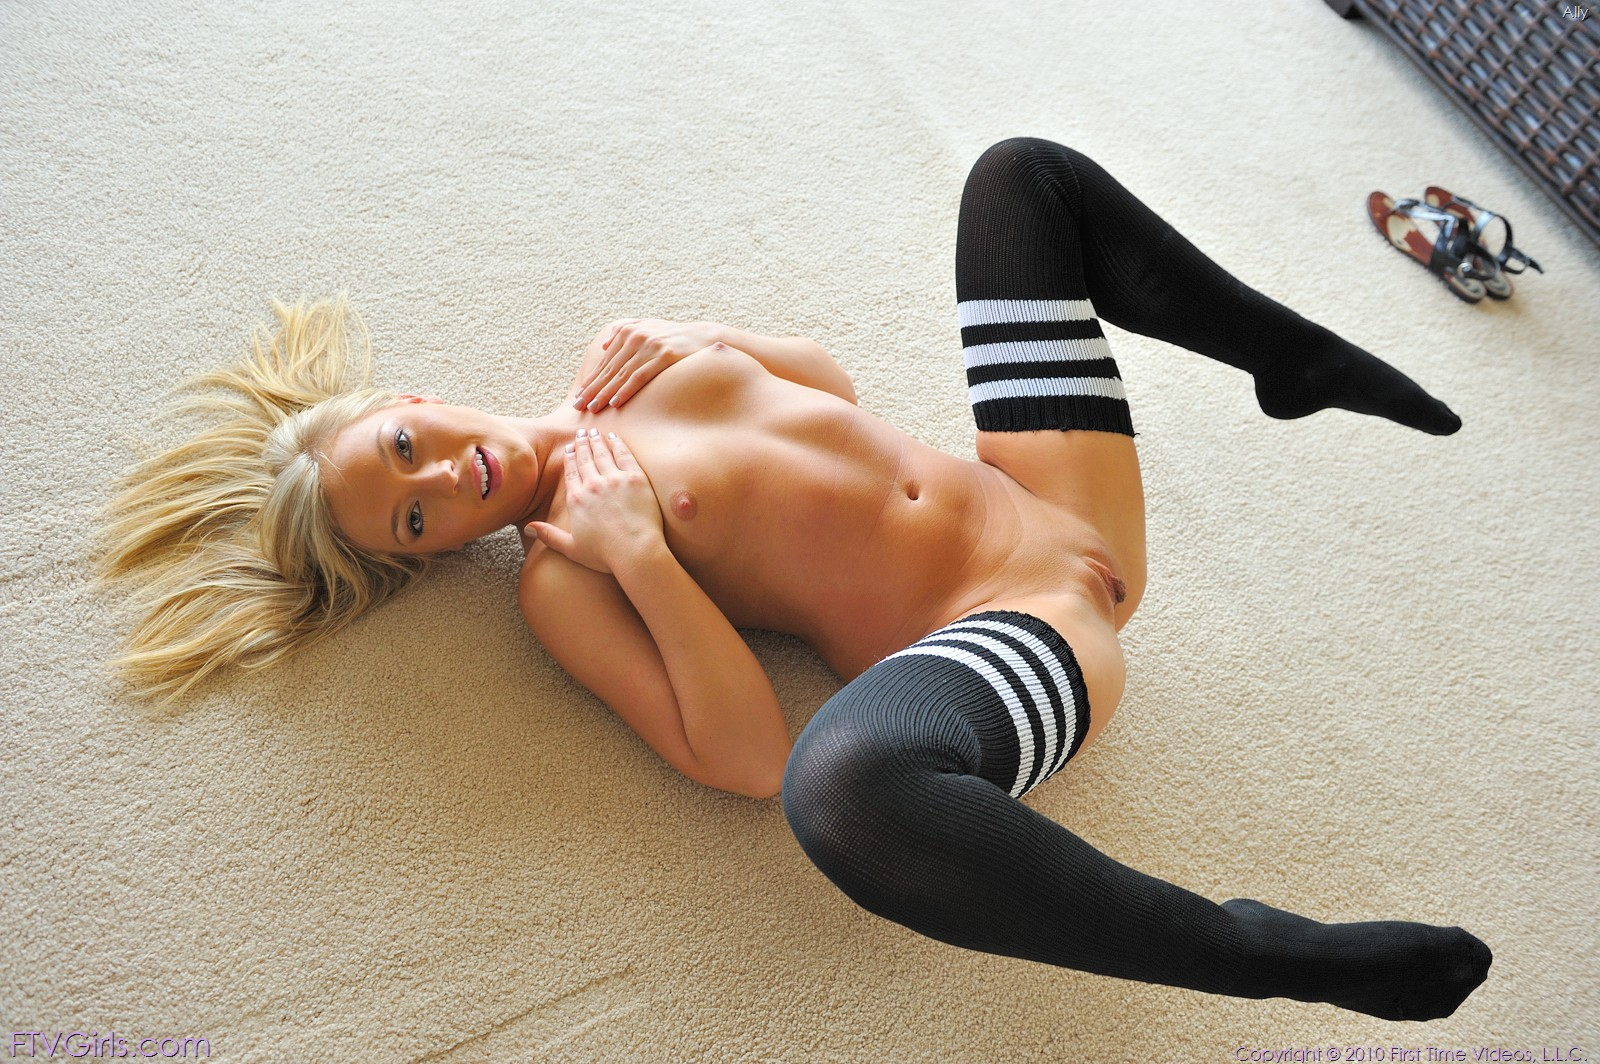 Фото порно девушки в гетрах, В гетрах Голые красивые девушки 10 фотография